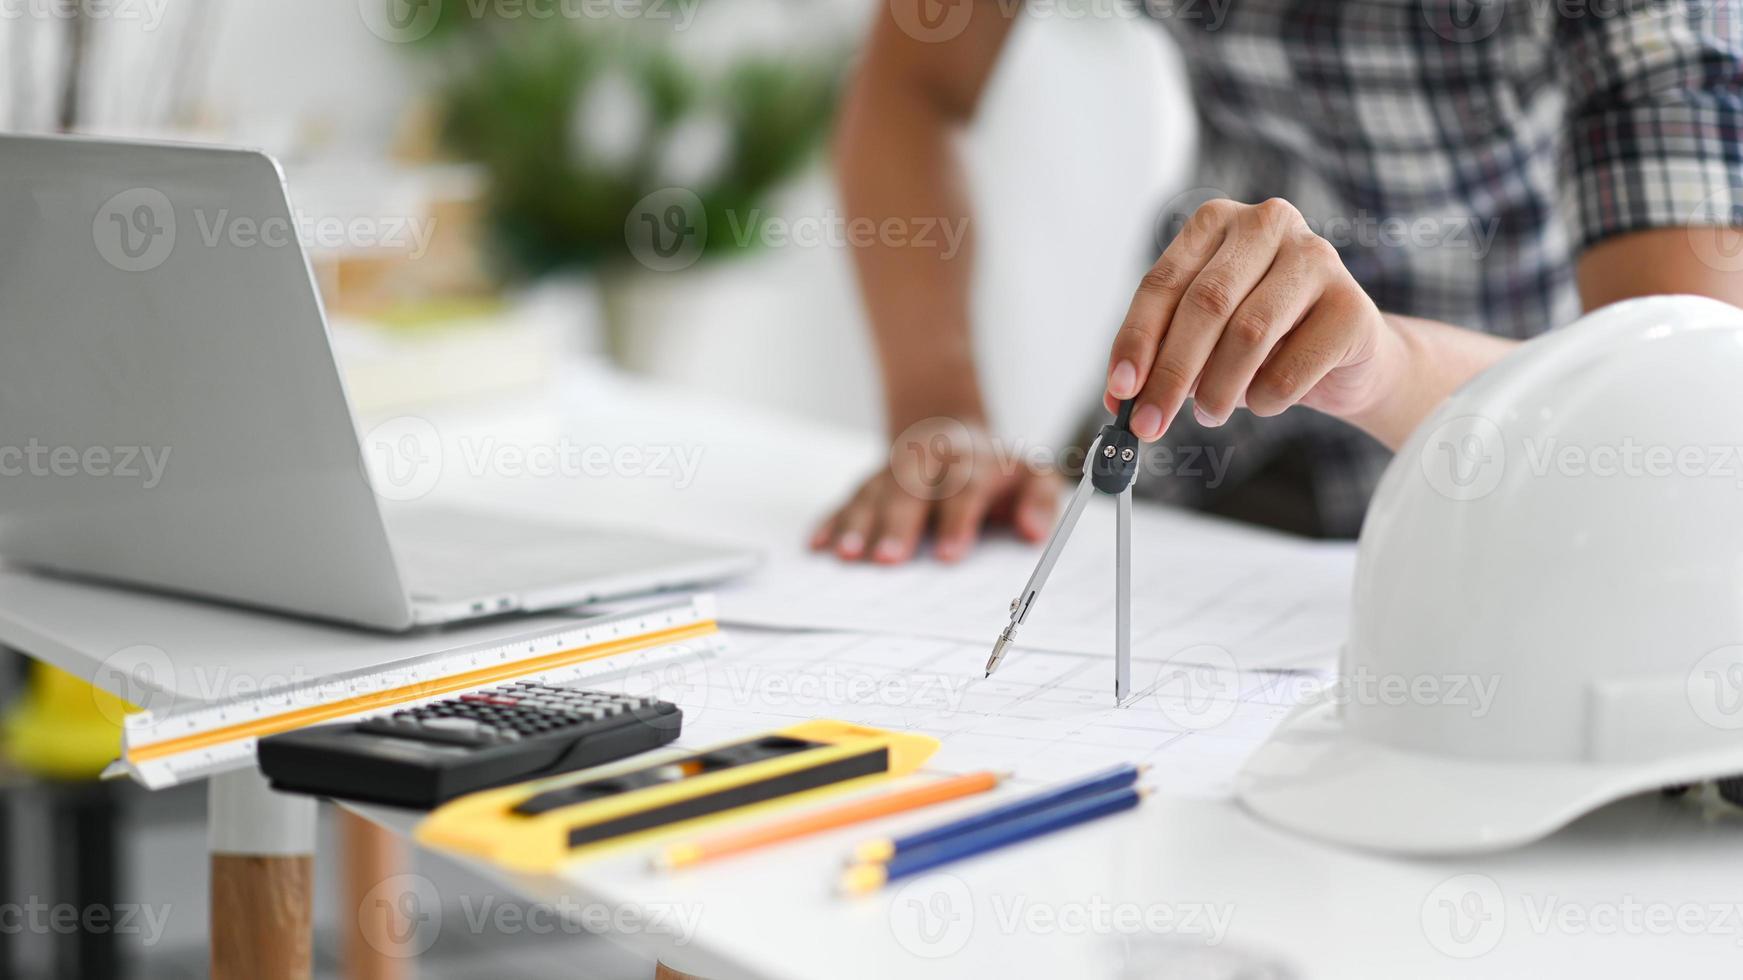 jovem arquiteto usando a rotatória para escrever sobre a planta da casa. foto